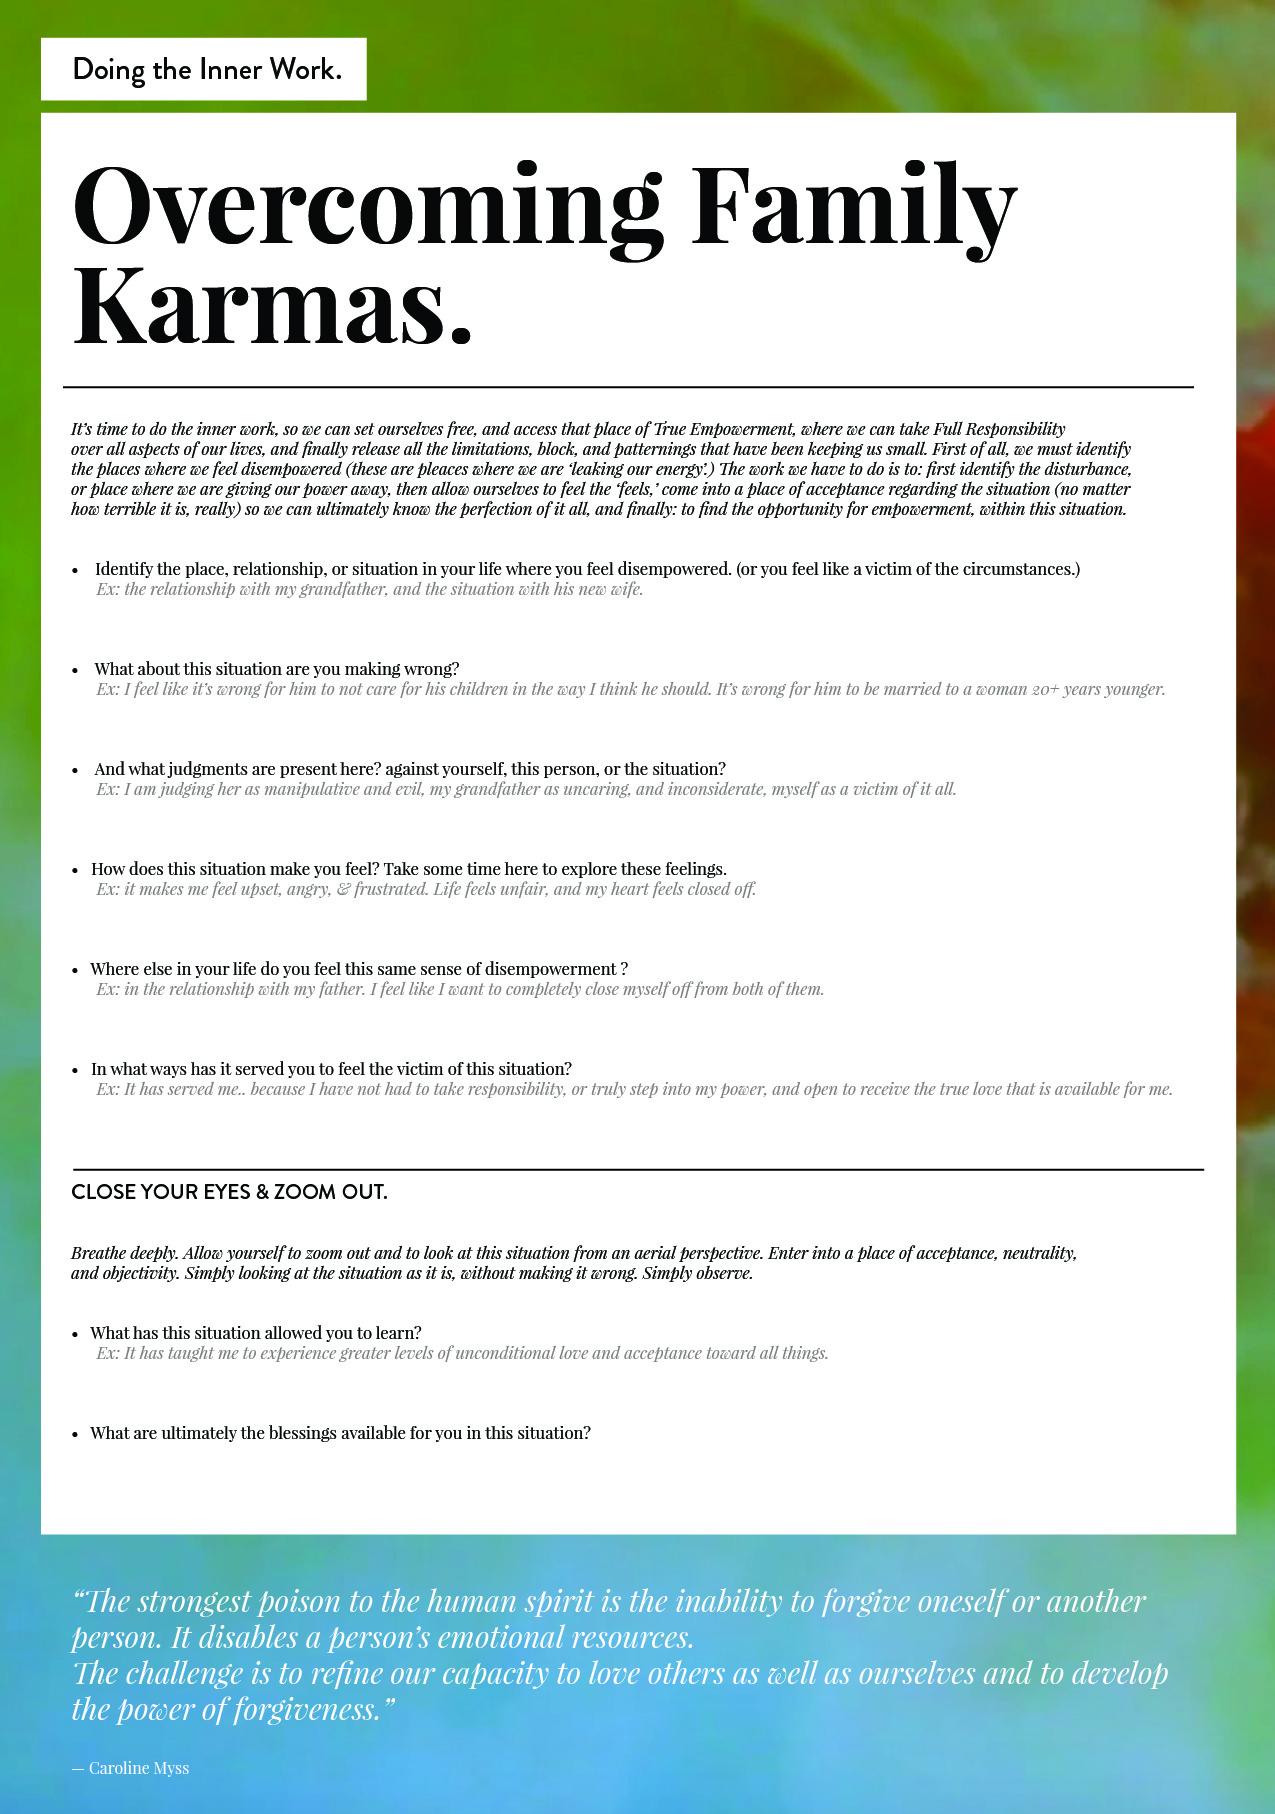 Family.Karmas-07.jpg